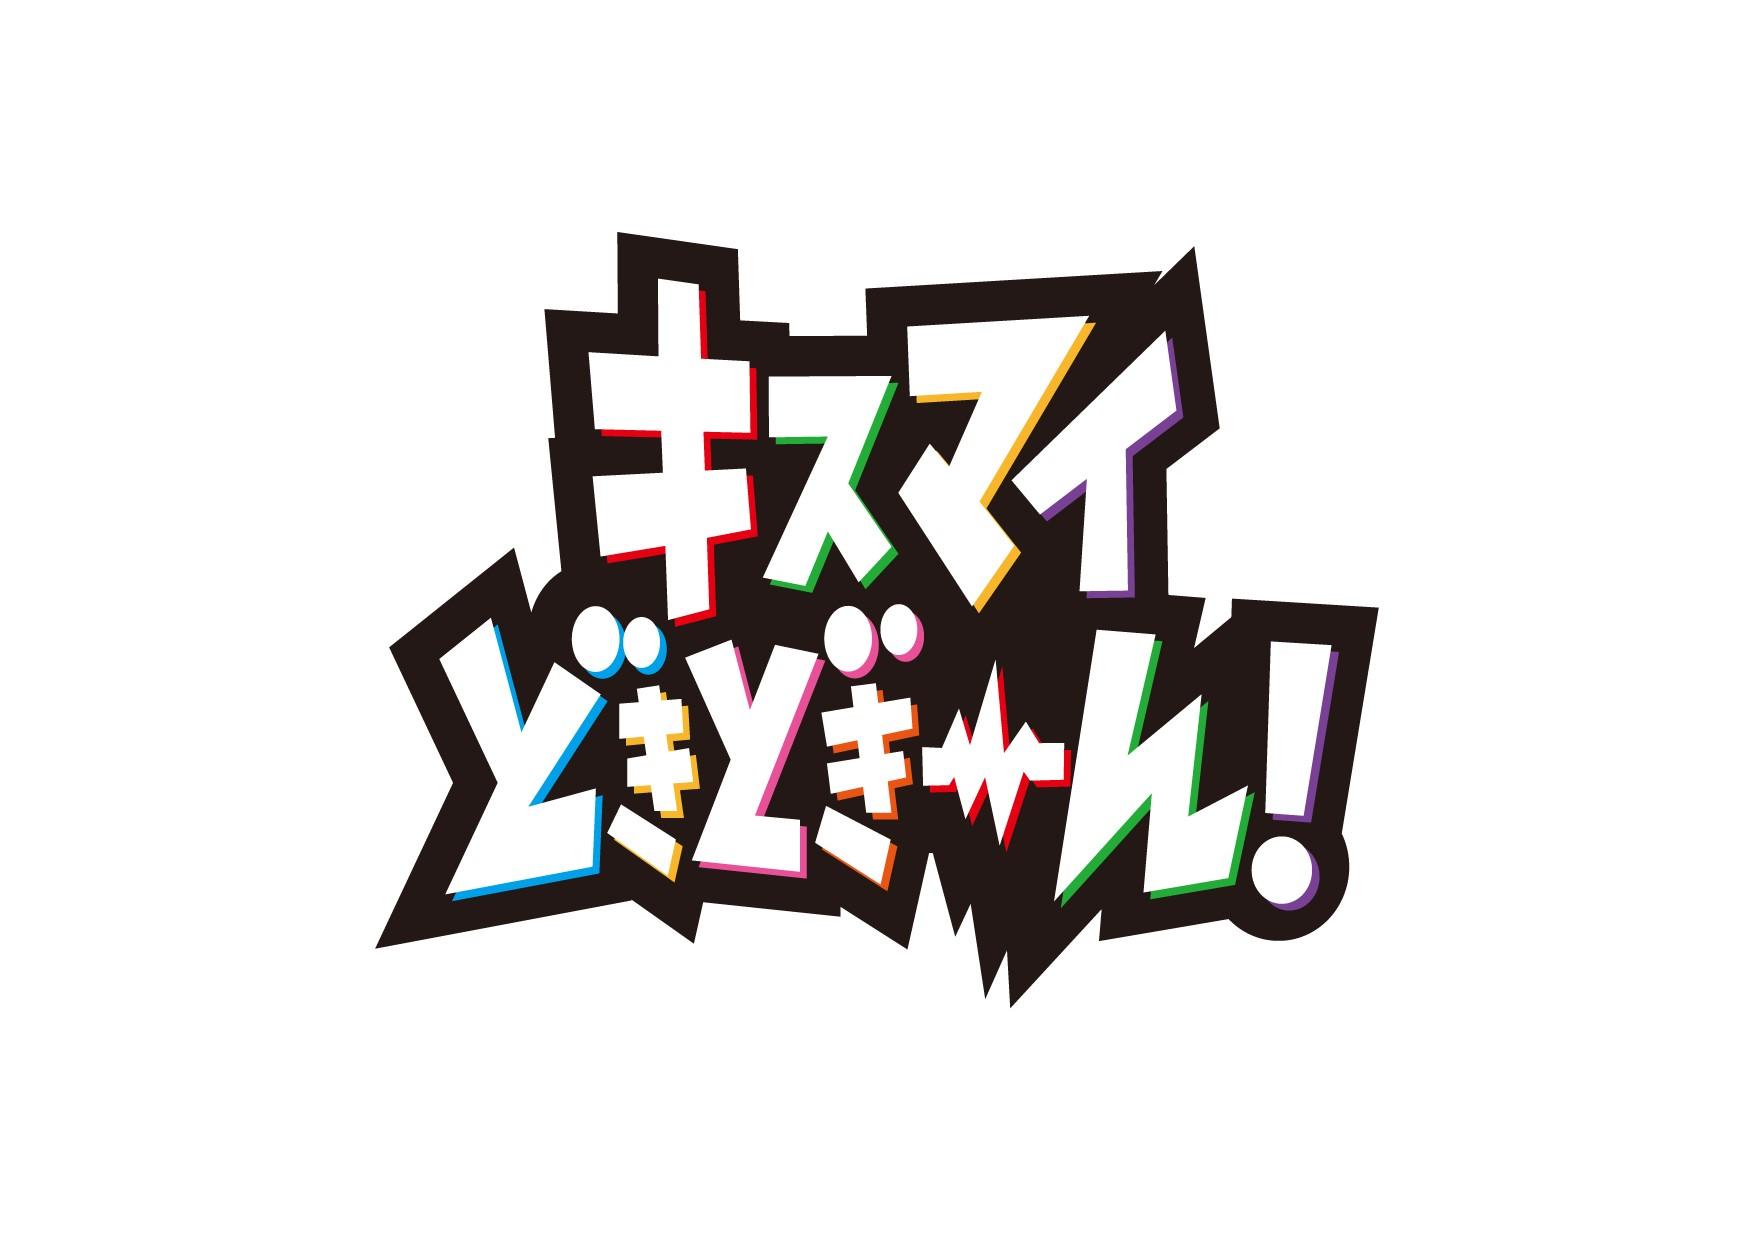 2月8日(金)12:00 配信 <br>dTV「キスマイどきどきーん!」初回スタート!